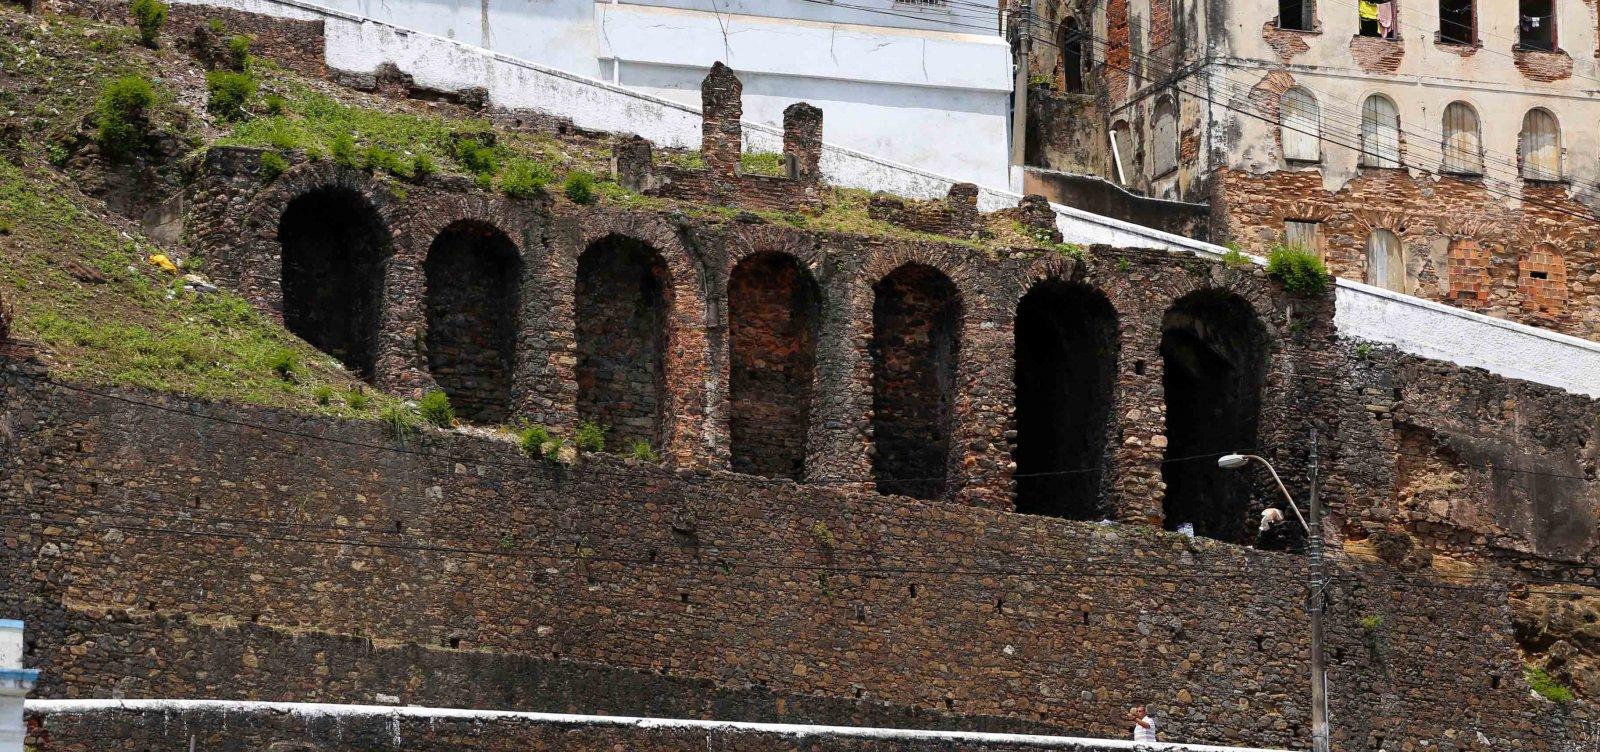 [Recuperação das muralhas no Centro Histórico de Salvador começa amanhã]